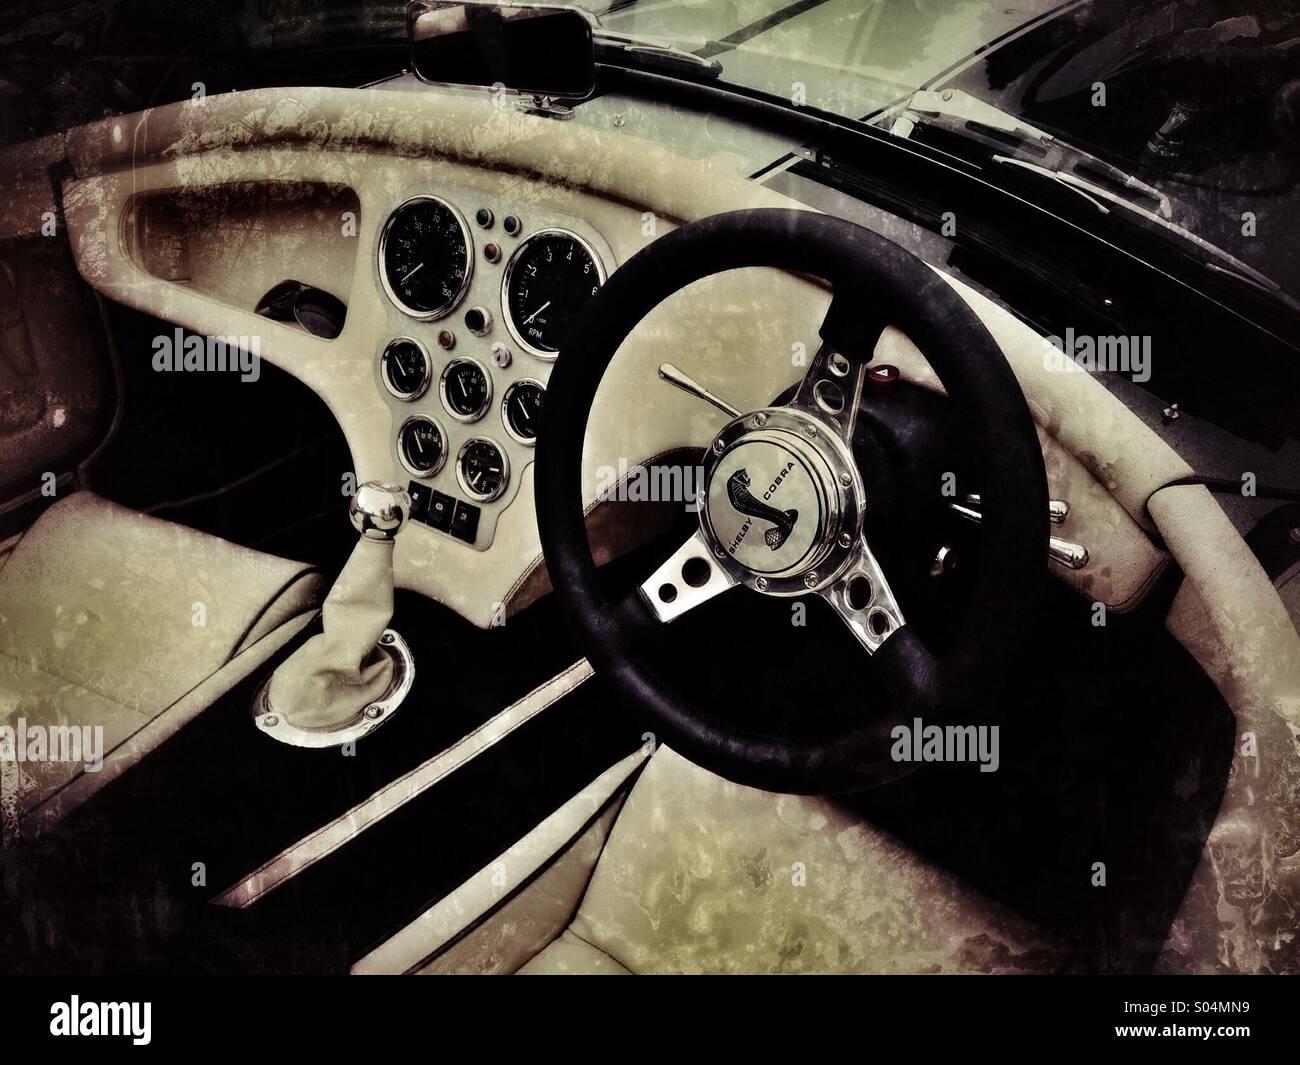 Shelby Cobra Interieur Stockfoto, Bild: 309890709 - Alamy